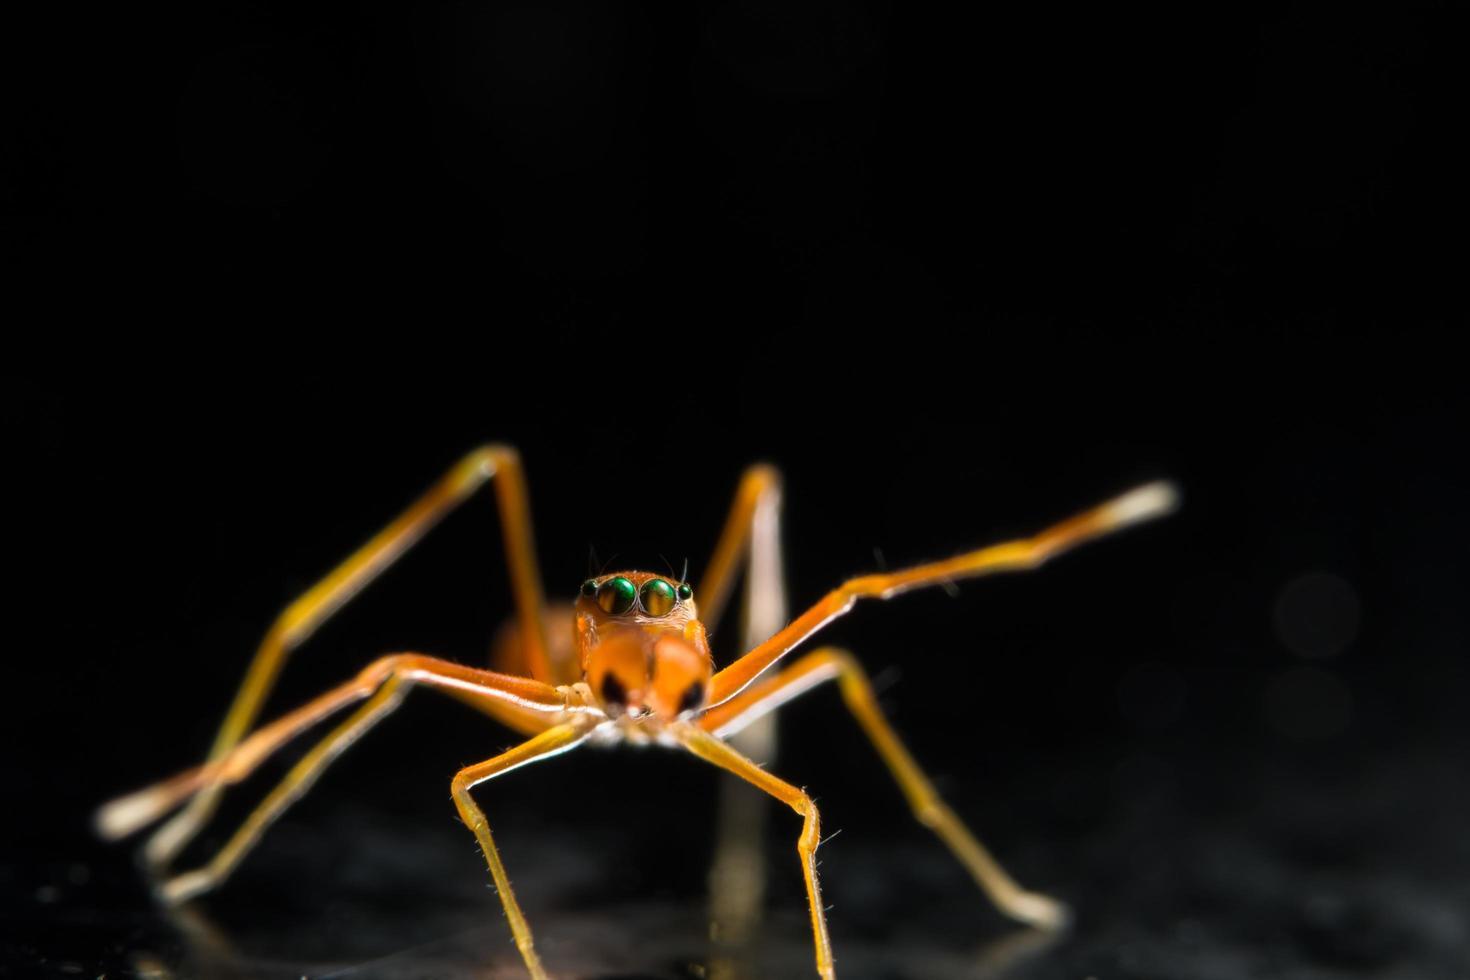 araignée marche vers le spectateur photo